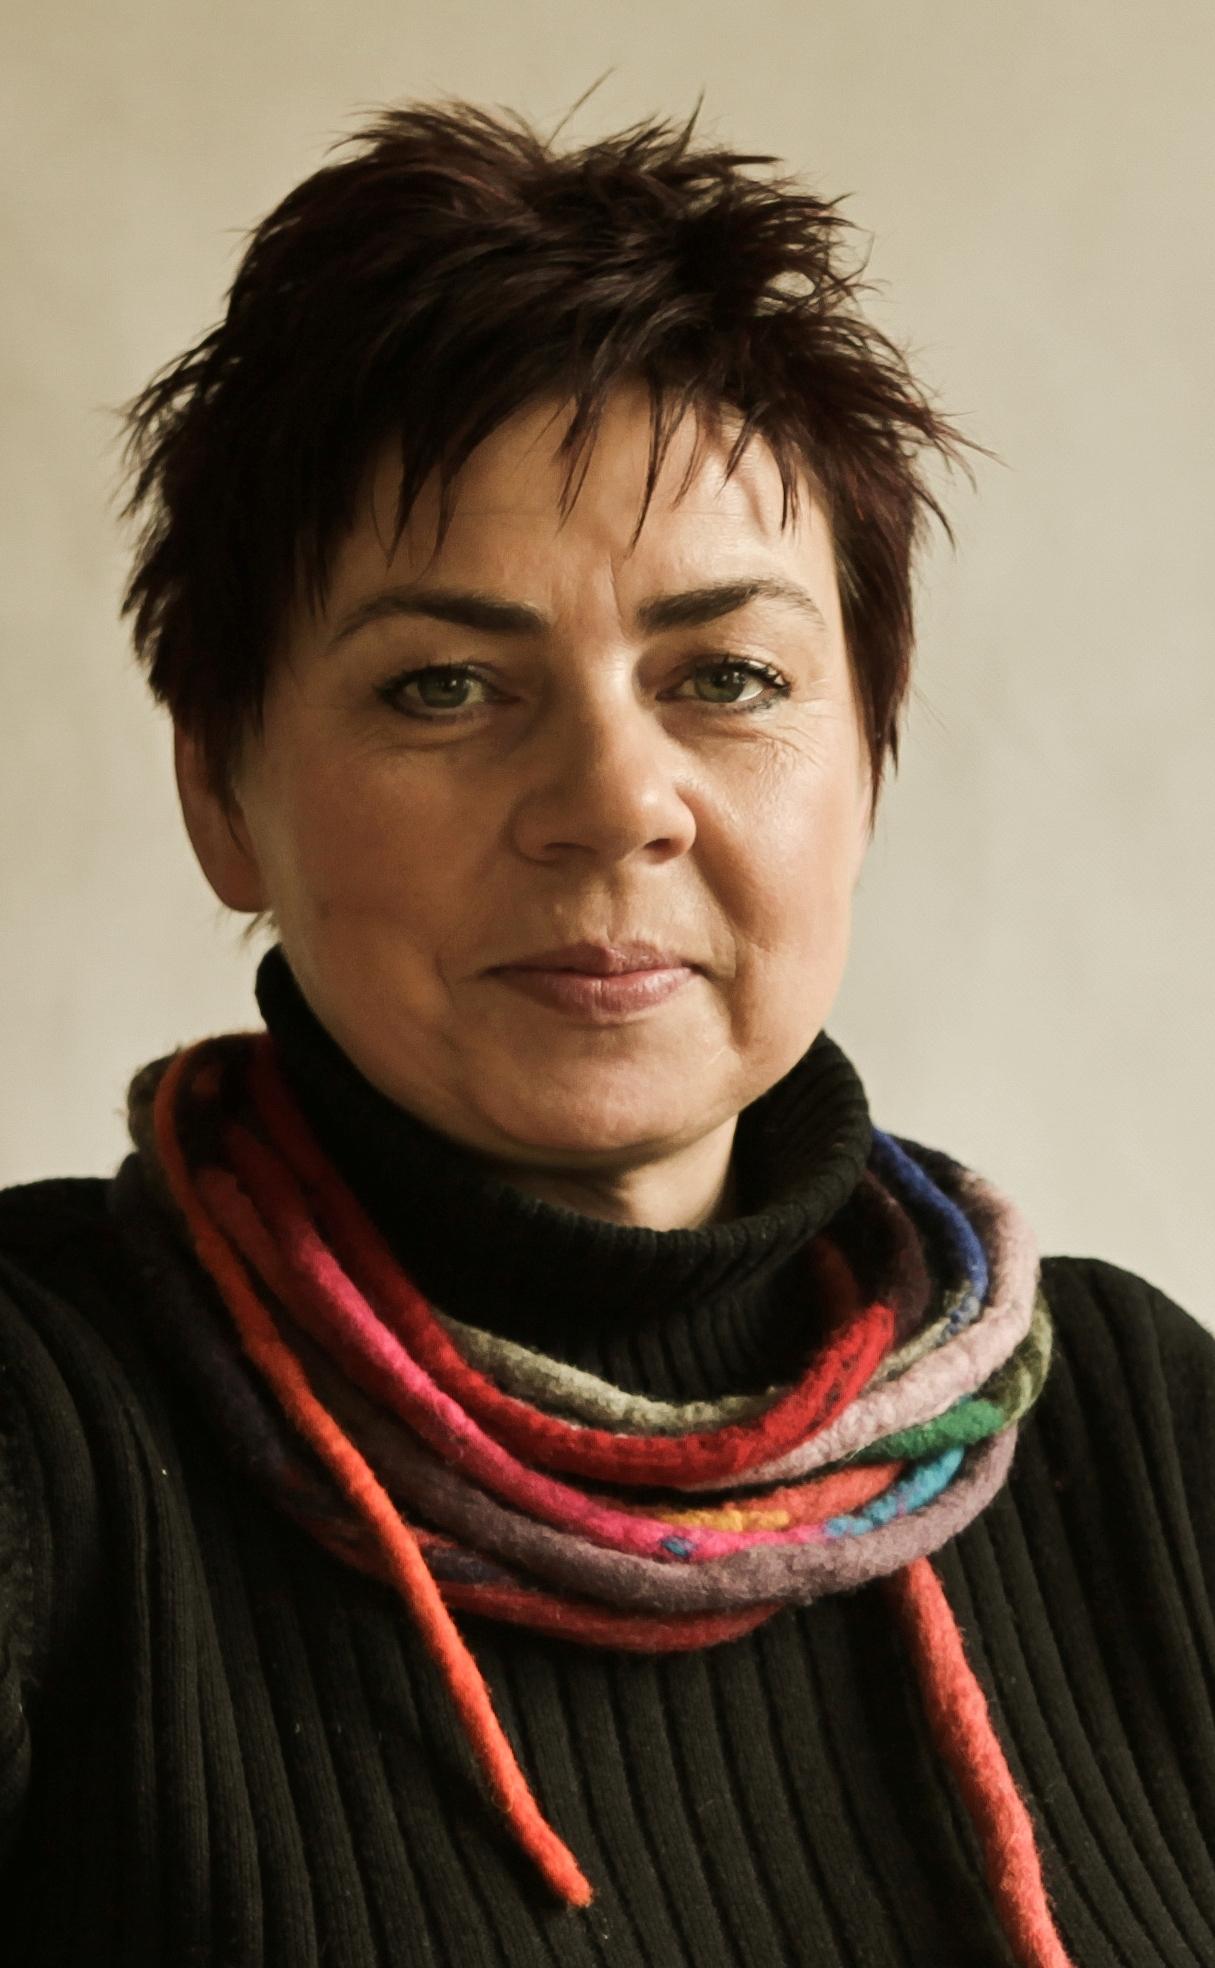 Małgorzata Andrzejewska